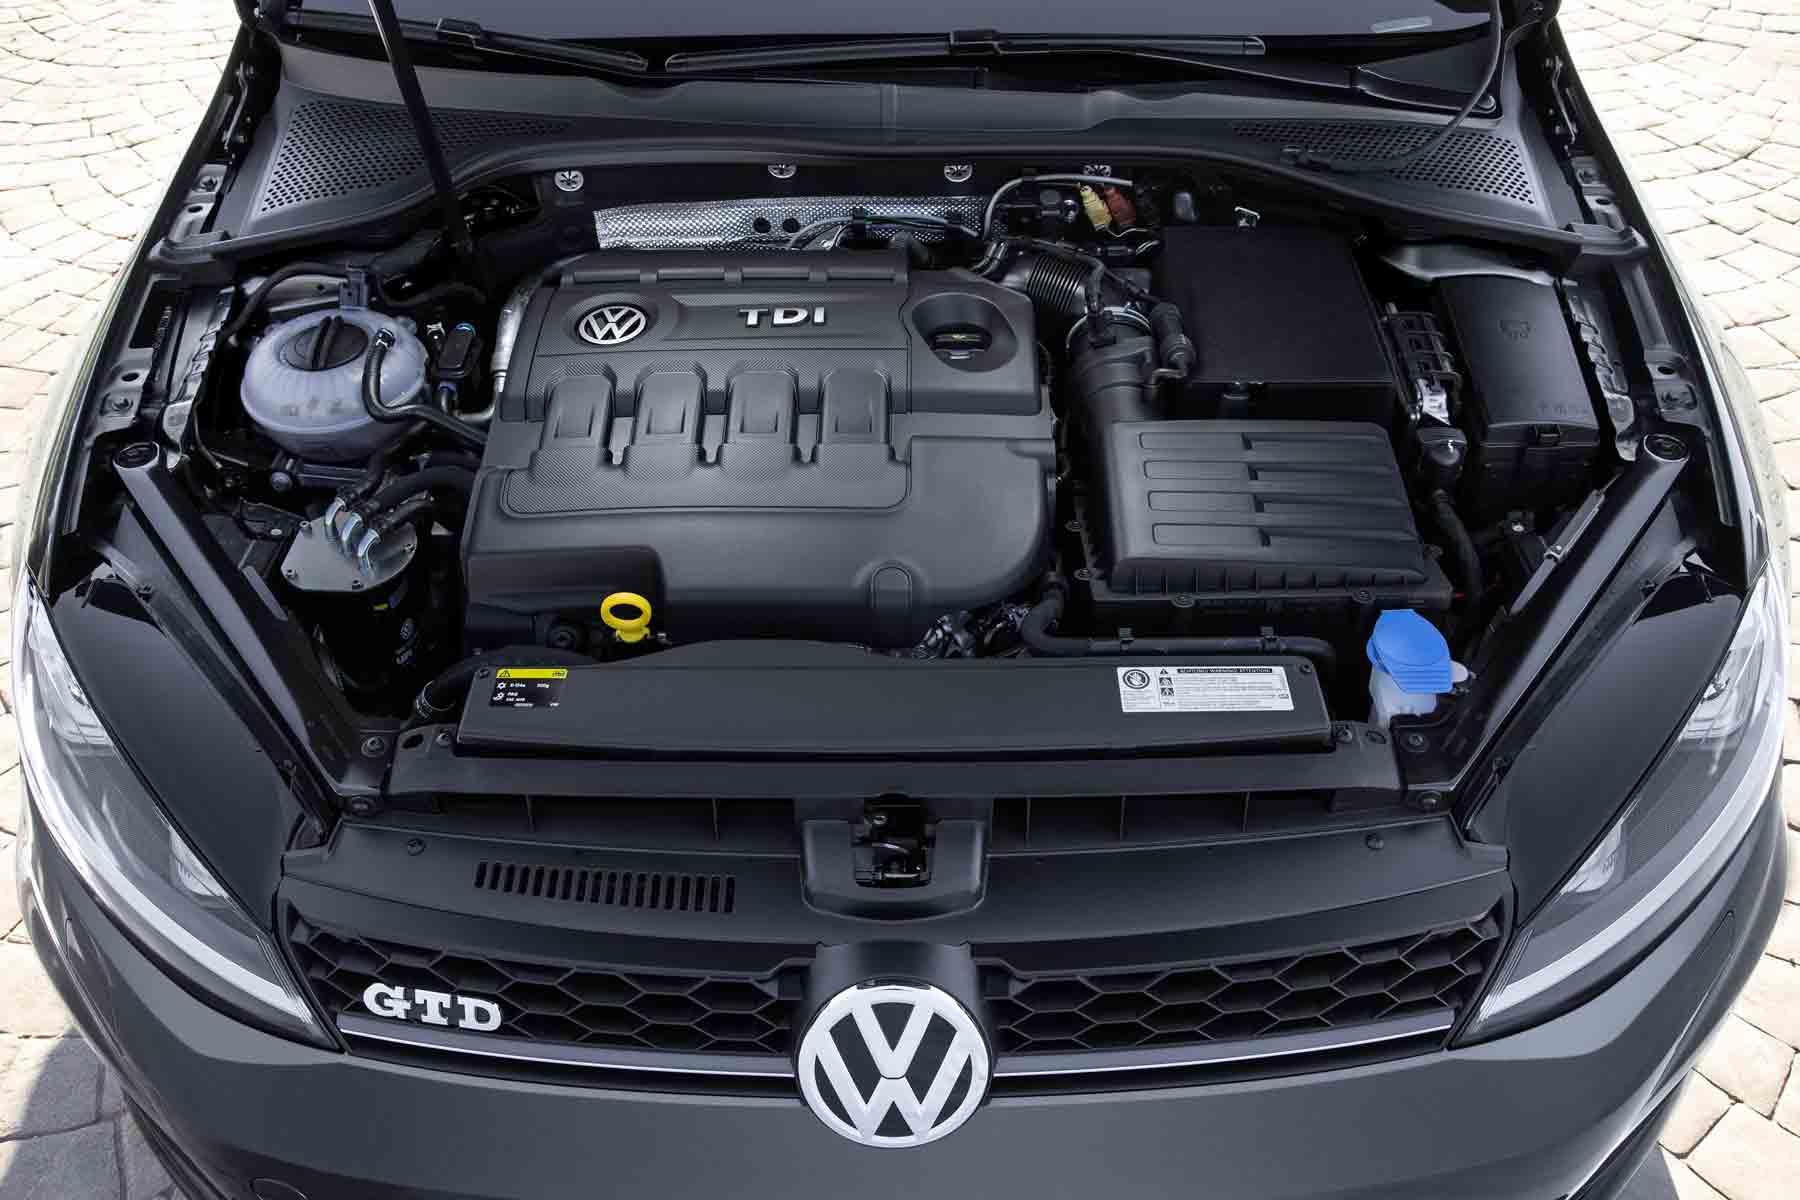 Motore diesel Volkswagen TDI